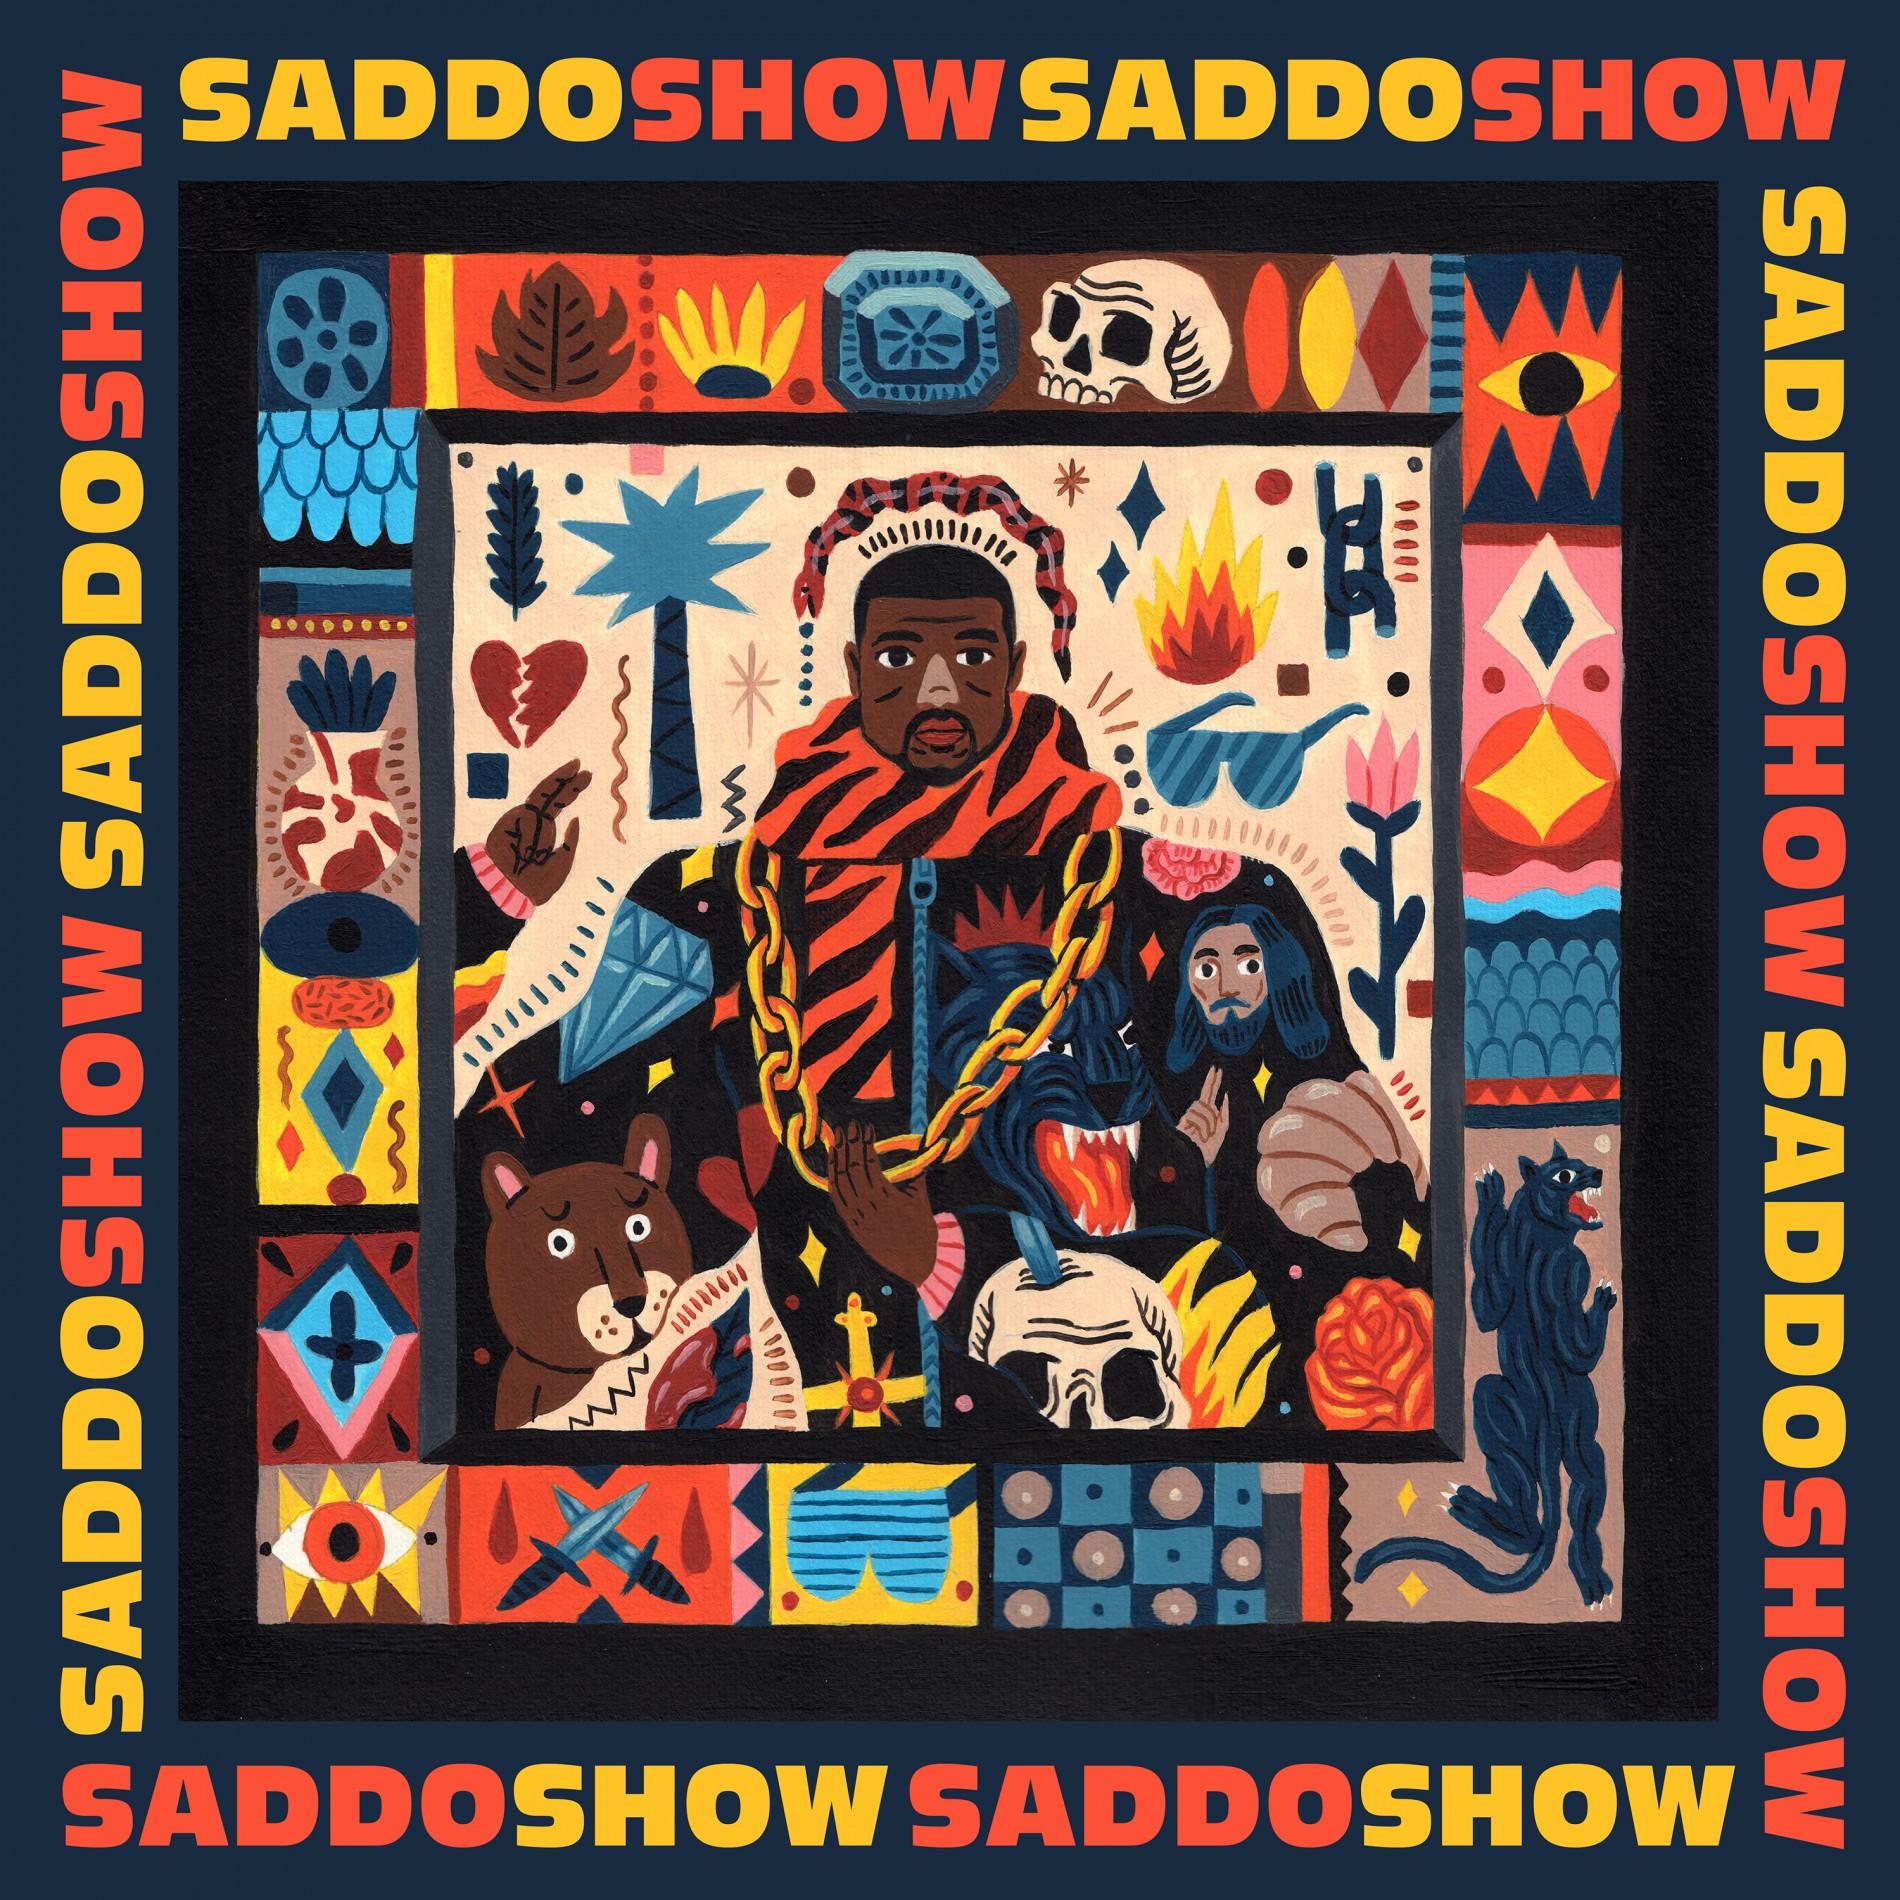 Saddo Show